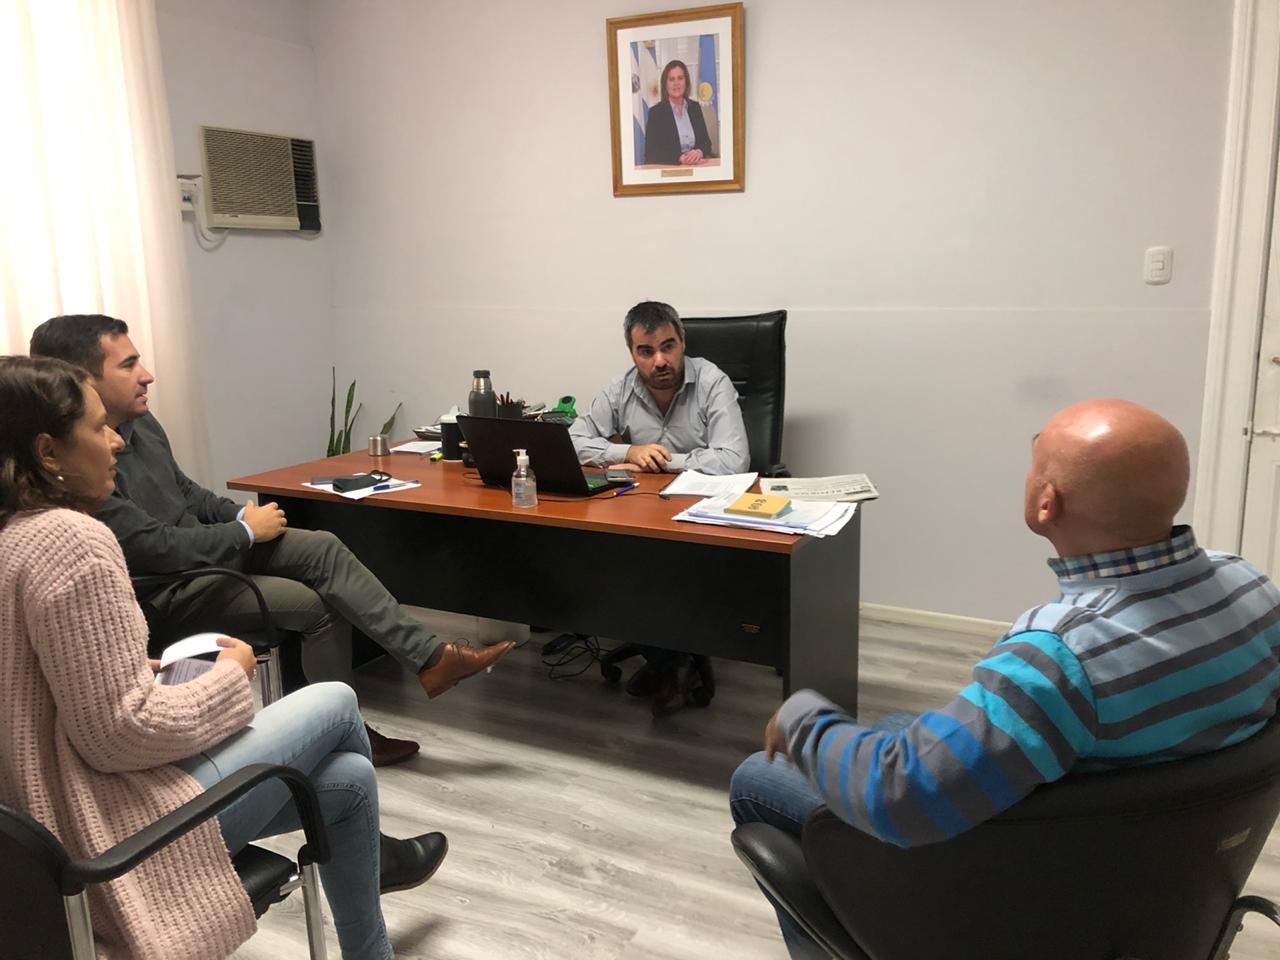 Representantes de Anses y del municipio se reunieron para coordinar operativos conjuntos por el cobro del Ingreso Familiar de Emergencia